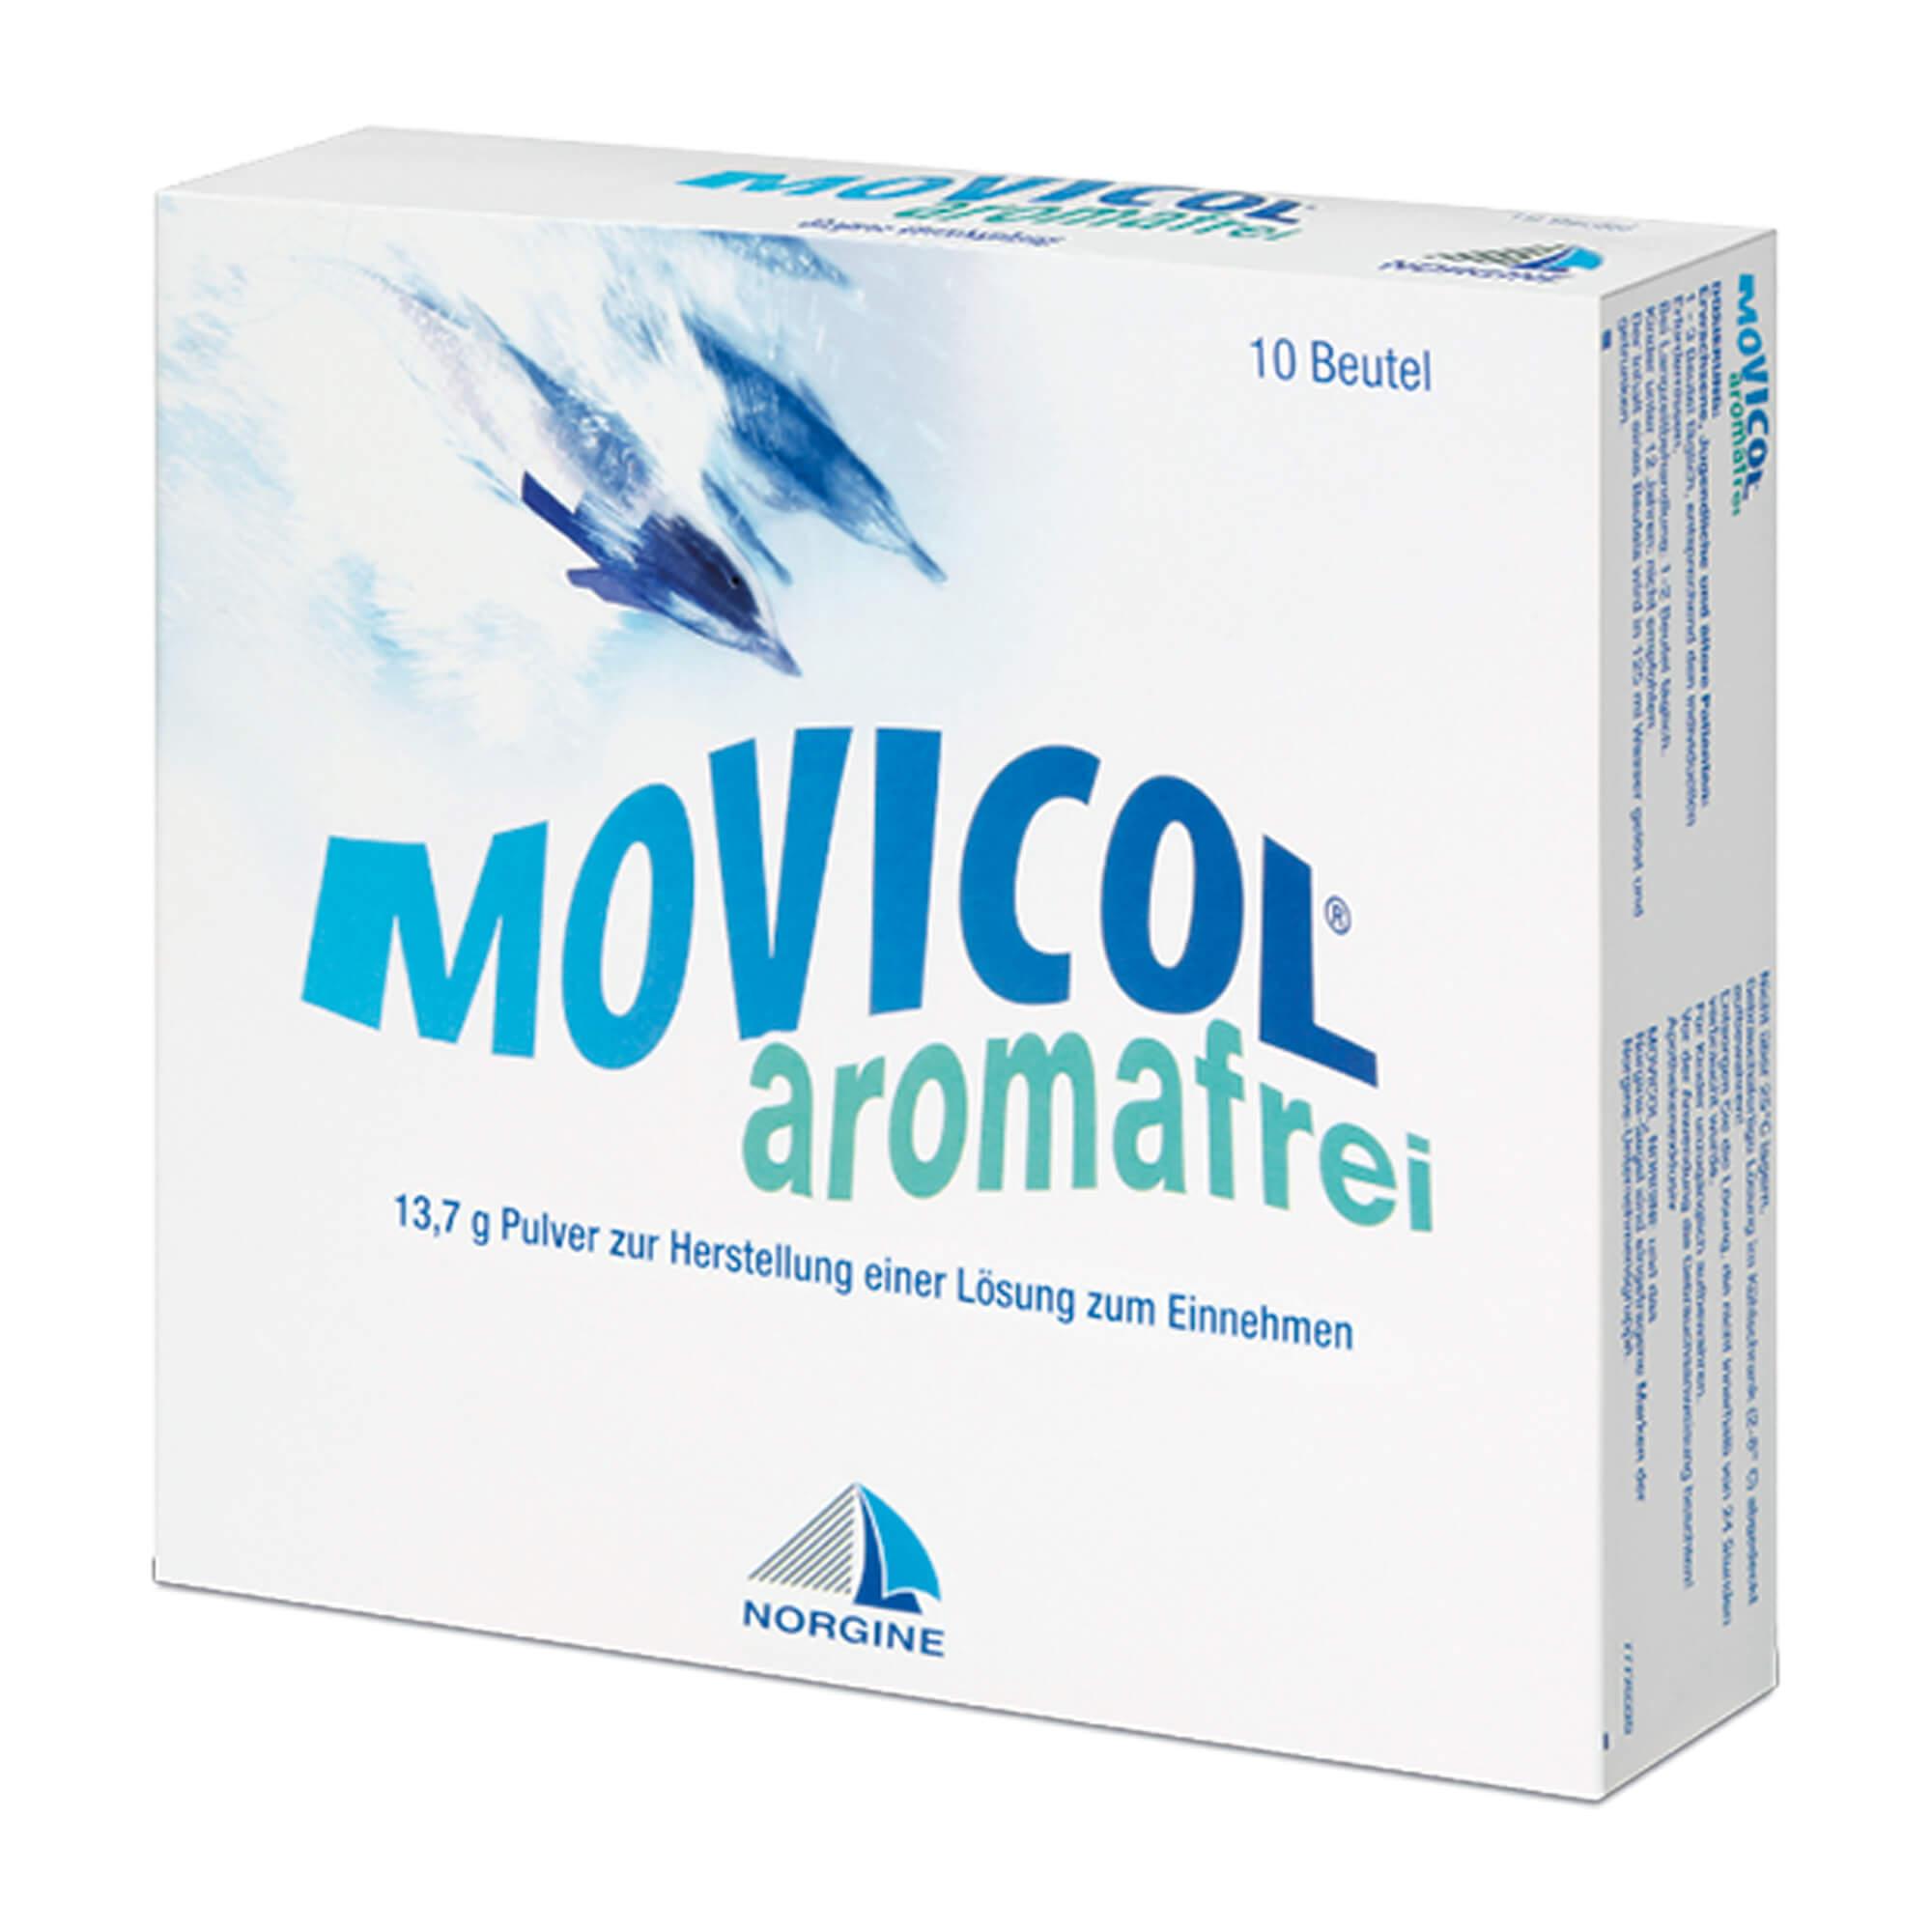 Movicol aromafrei Pulver zur Herstellung einer Lösung